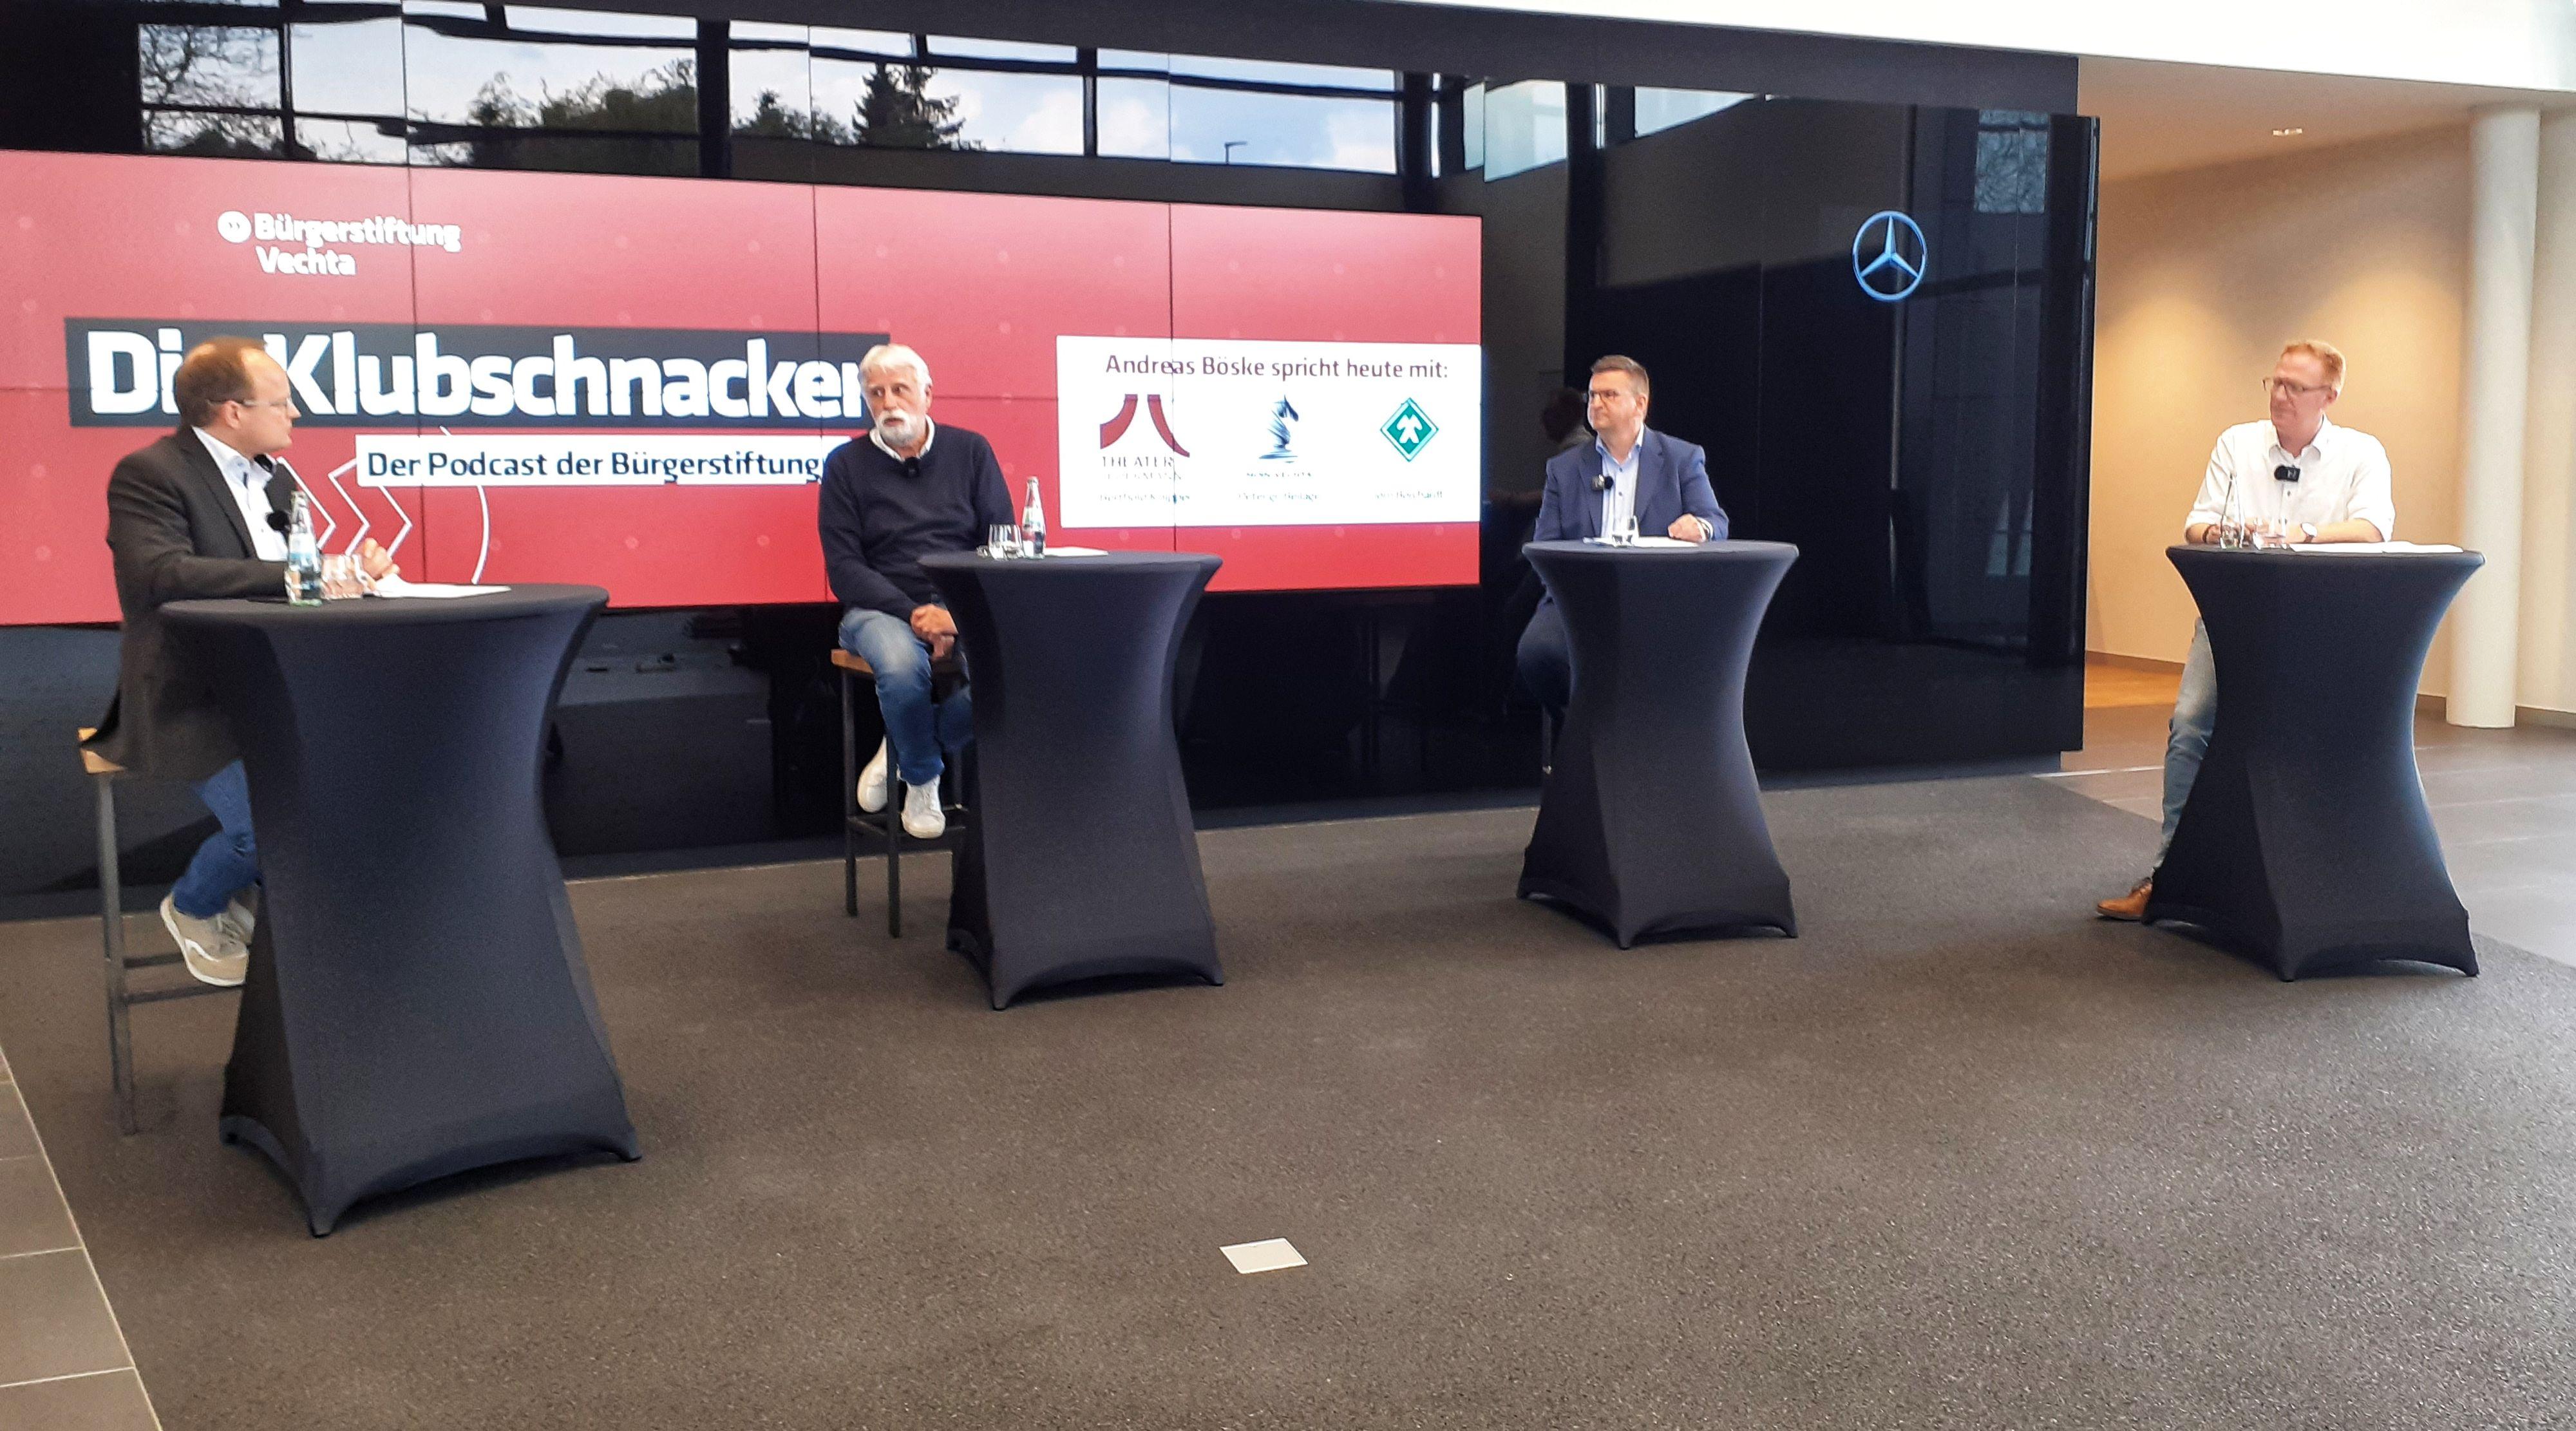 Auf geht´s in die vierte Runde: Auf Einladung der Bürgerstiftung Vechta spricht Moderator Andreas Böske (links) mit den Vereinsvertretern Berthold Knipper,Jörn Borchardt undPeter gr. Beilage (von links). Foto:Anuschka Bačić